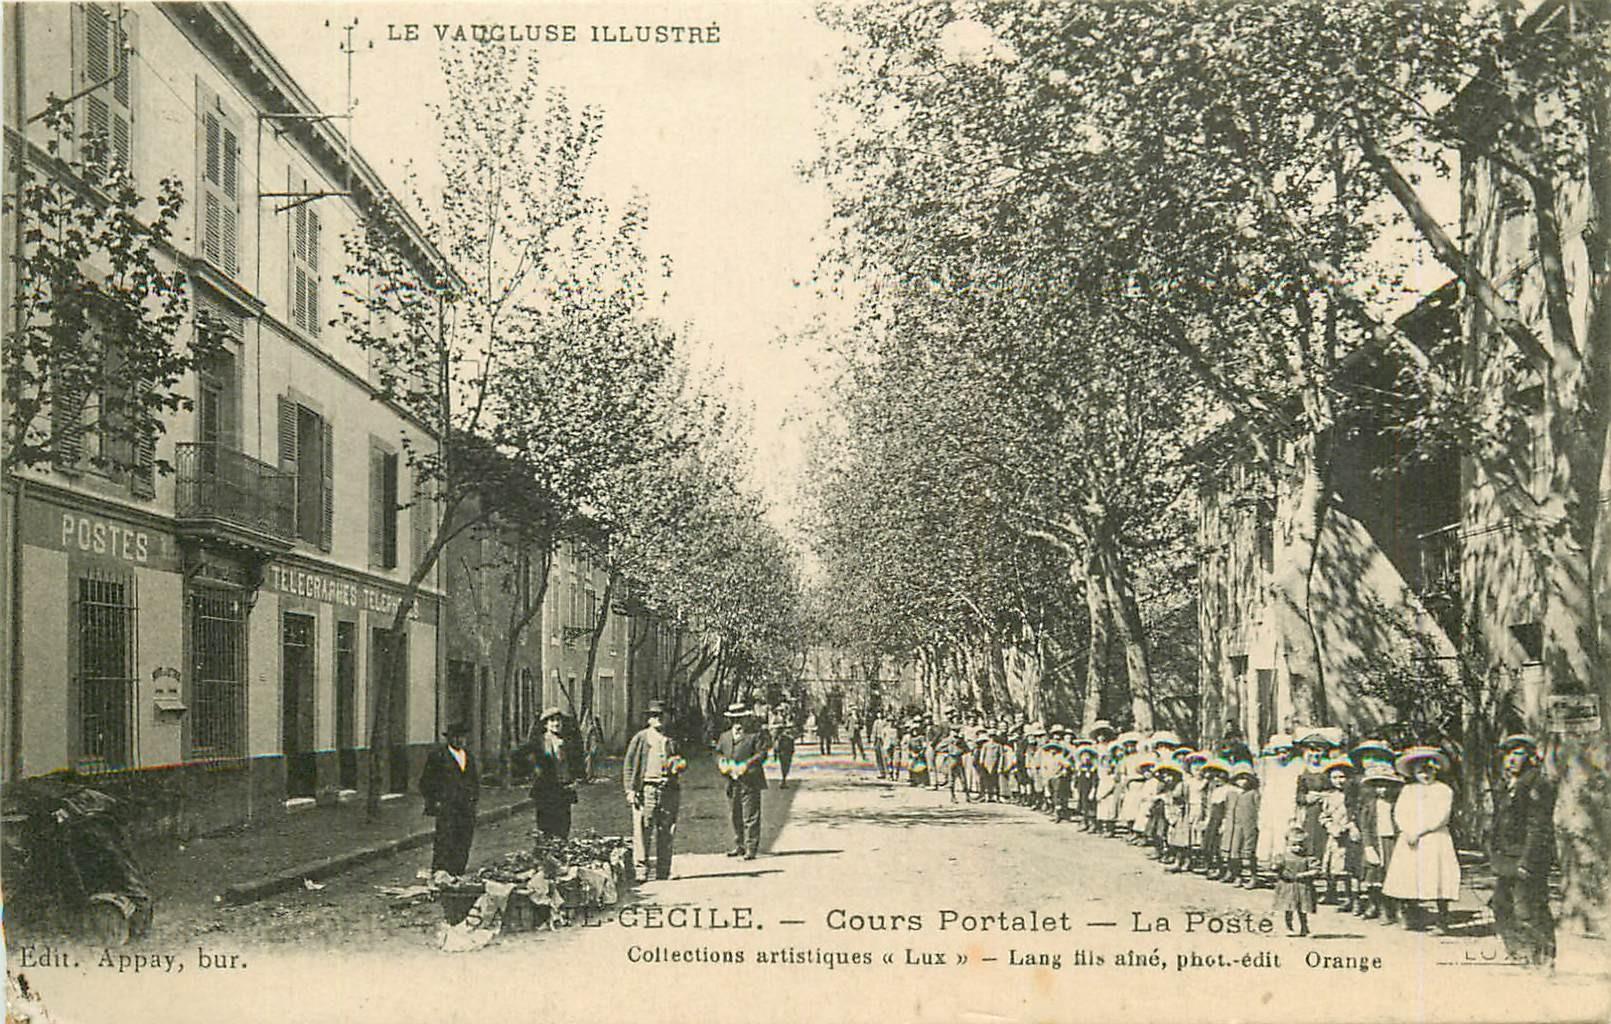 WW 84 SAINTE-CECILE. La Poste & Télégraphes Cours Portalet vers 1916